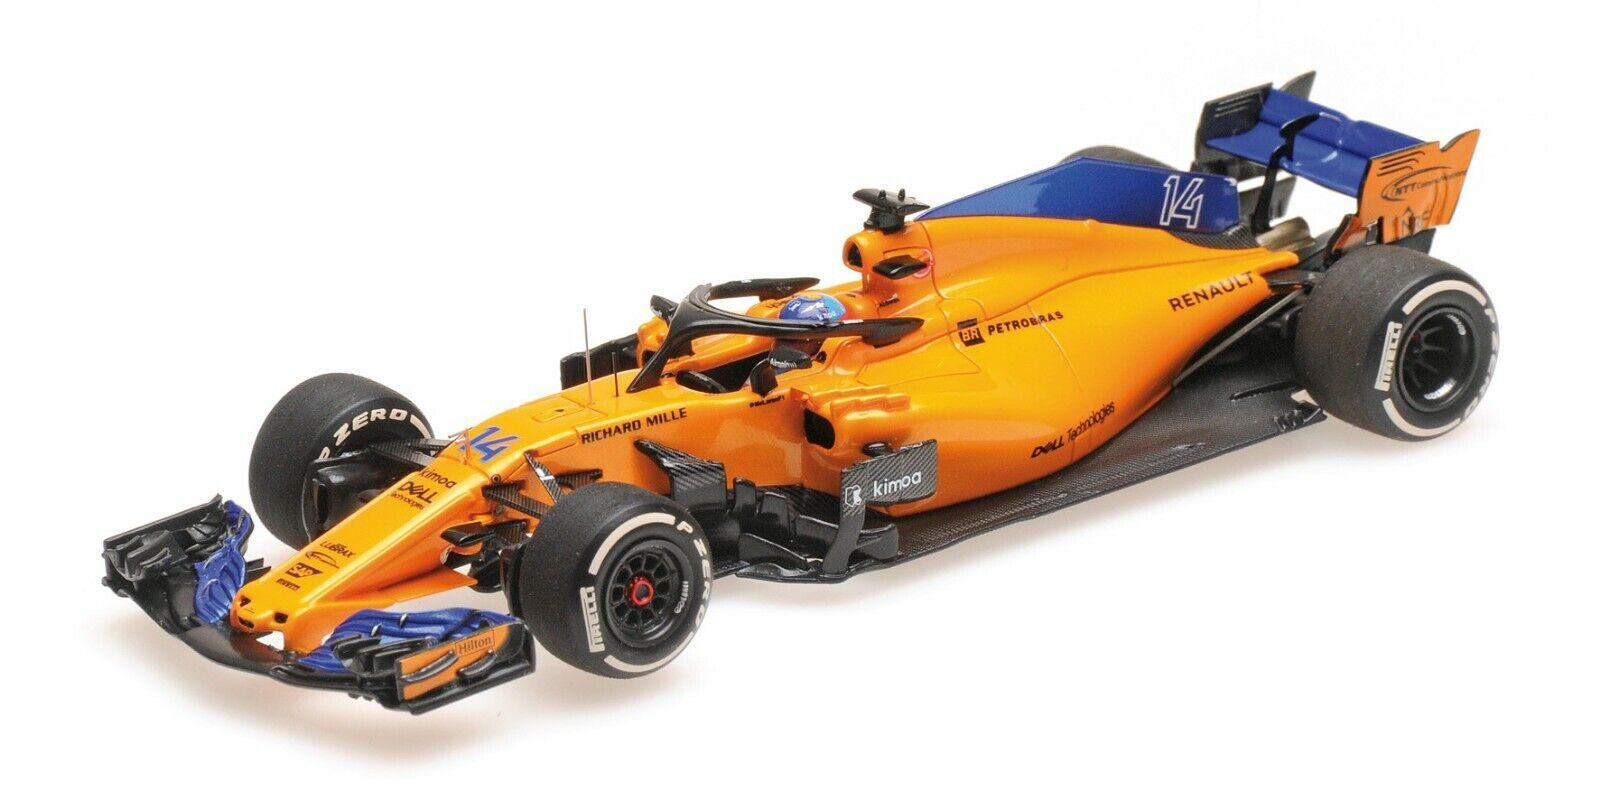 la migliore offerta del negozio online 1 43 Minichamps McLaren Renault MCL33 2018 2018 2018 F1 Ferneo Alonso P537184314  fino al 42% di sconto